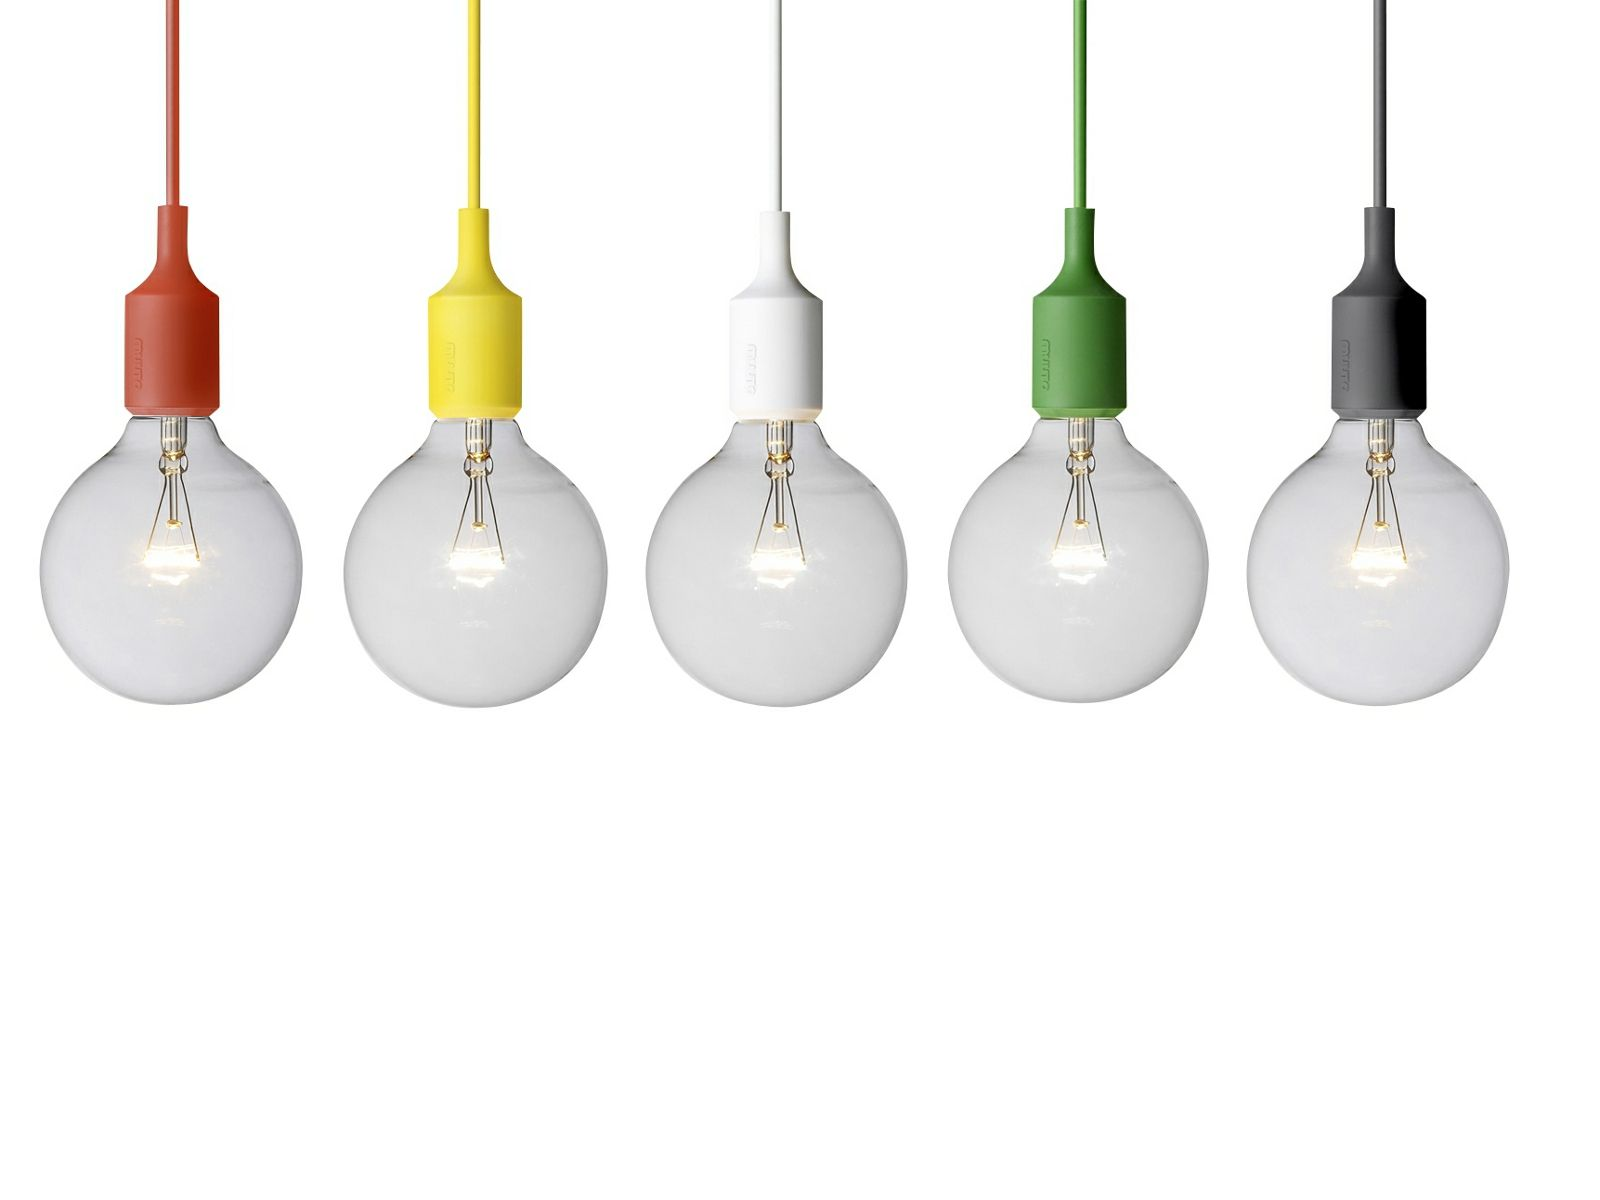 Pendant Lamp E27 Muuto Lampe Suspension Luminaire Luminaire Suspendu